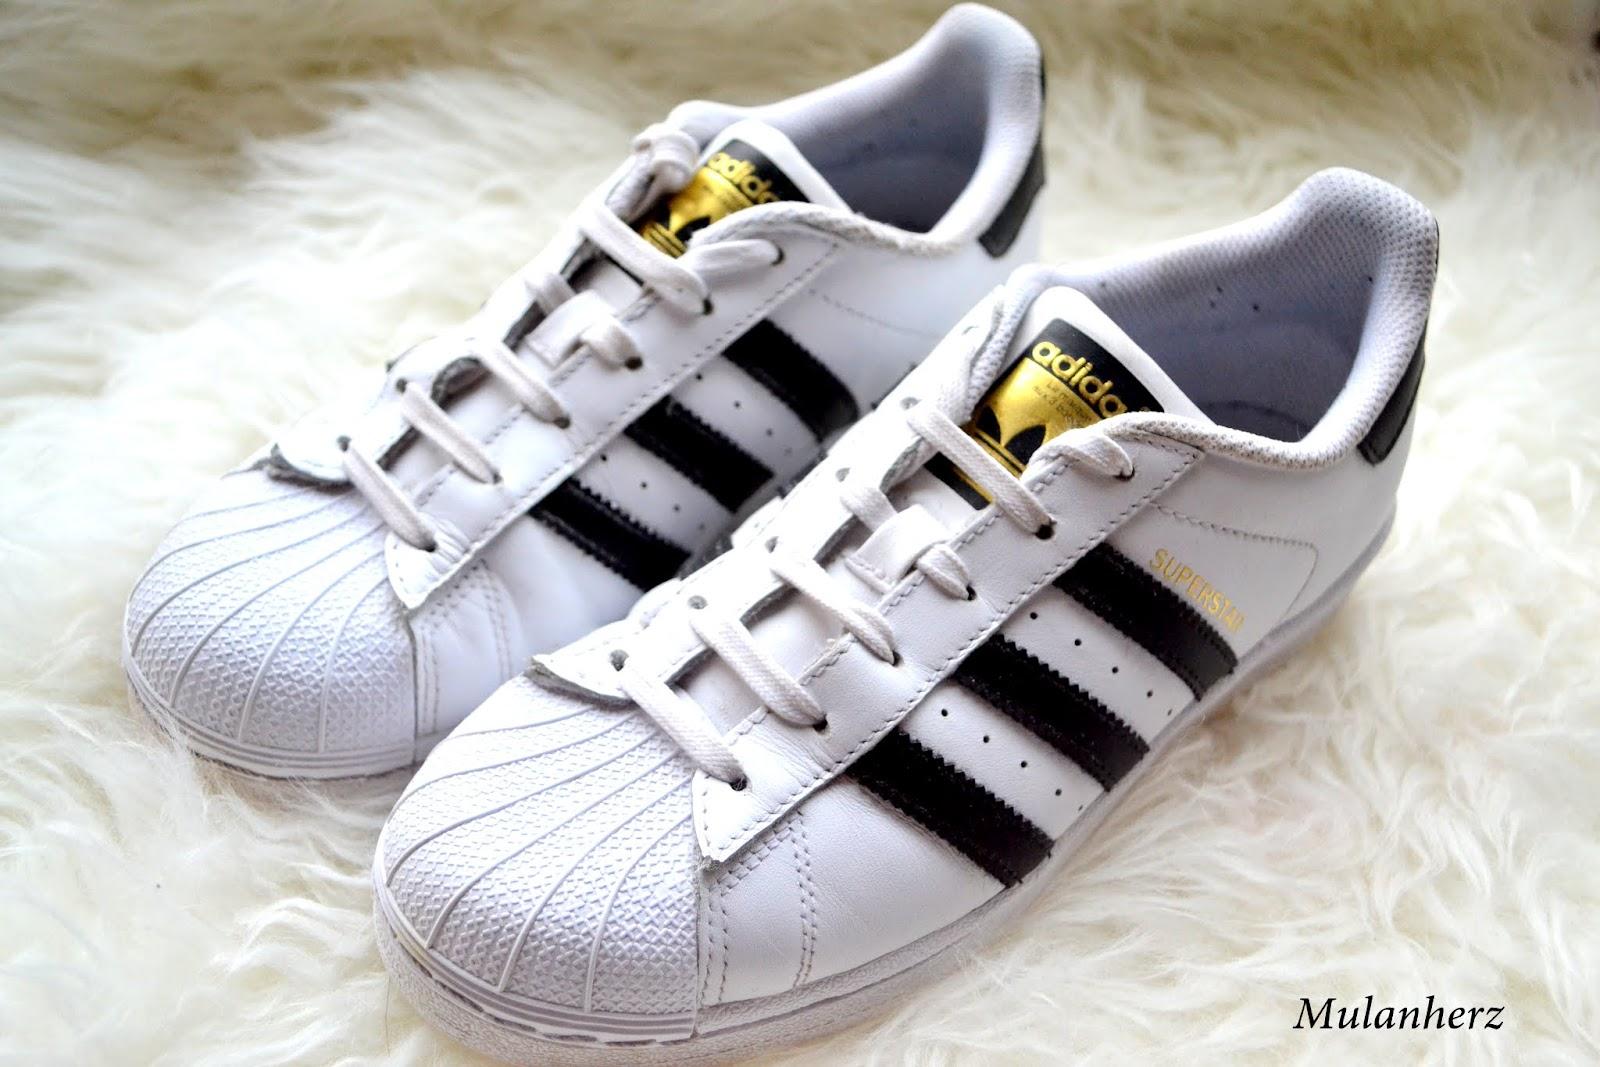 Mulanherz: #2 Hack: Weiße Schuhe wieder weiß kriegen